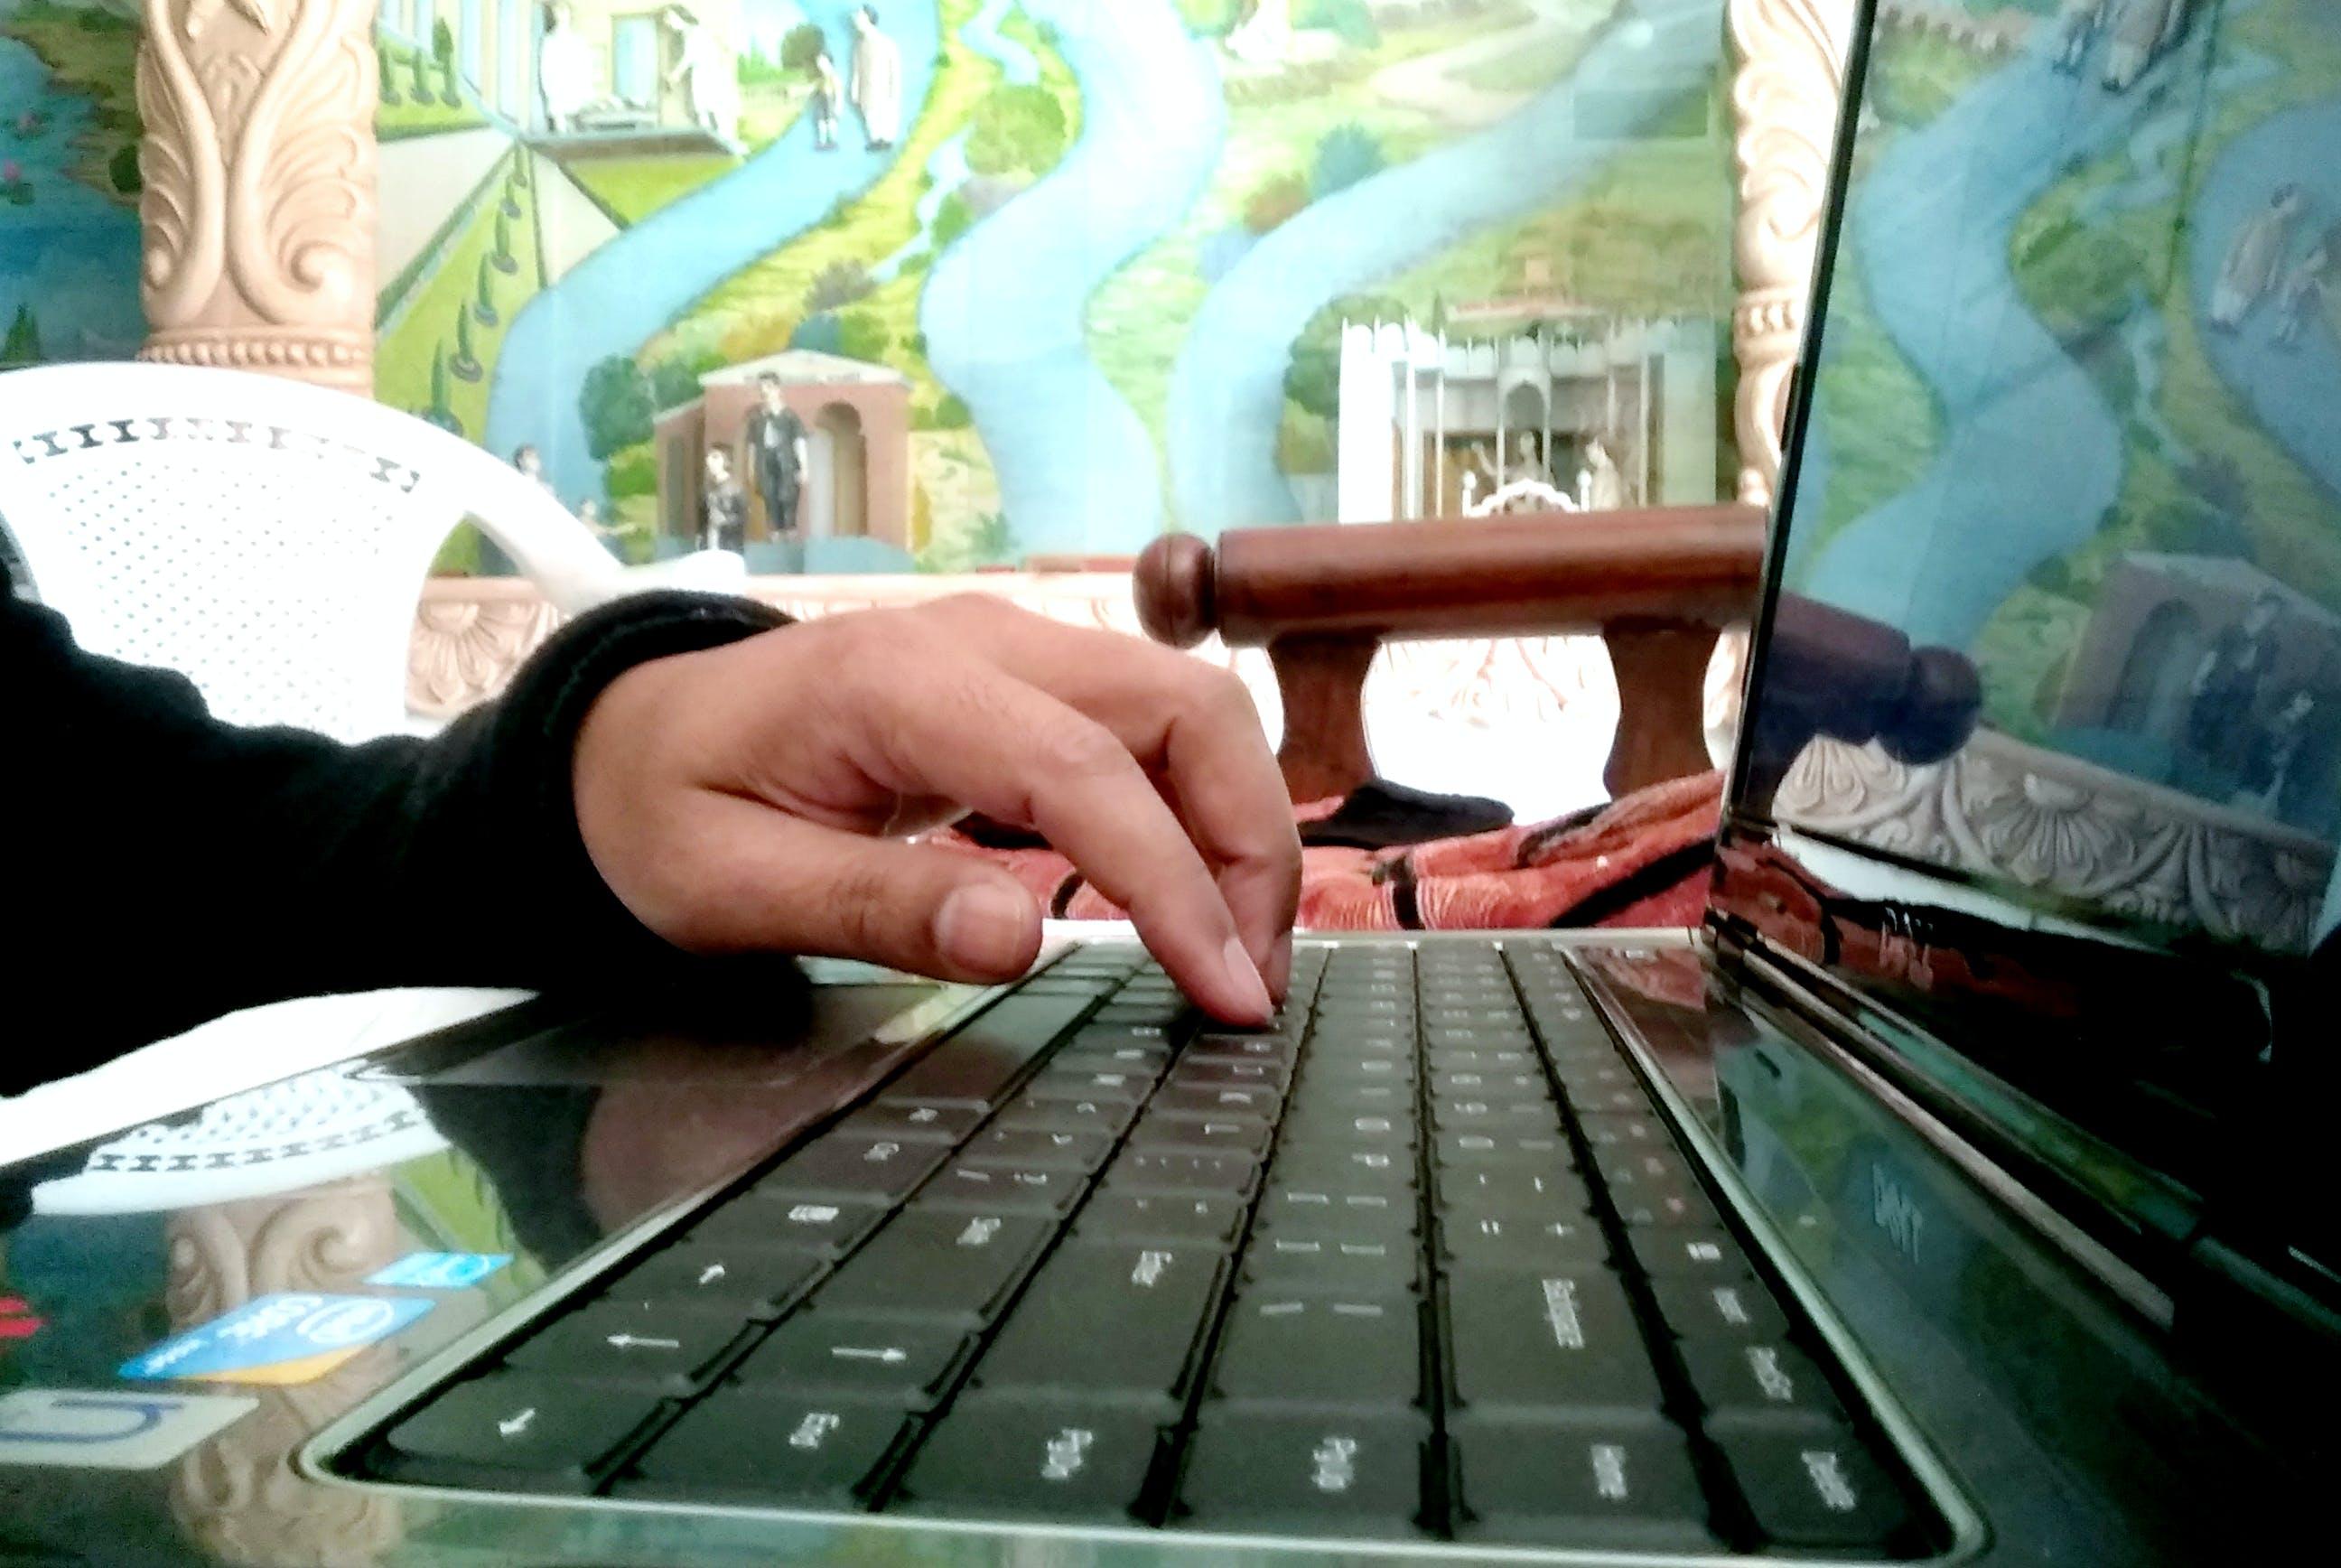 Gratis arkivbilde med bærbar datamaskin, datatastatur, gutt hånd, skrive på maskin